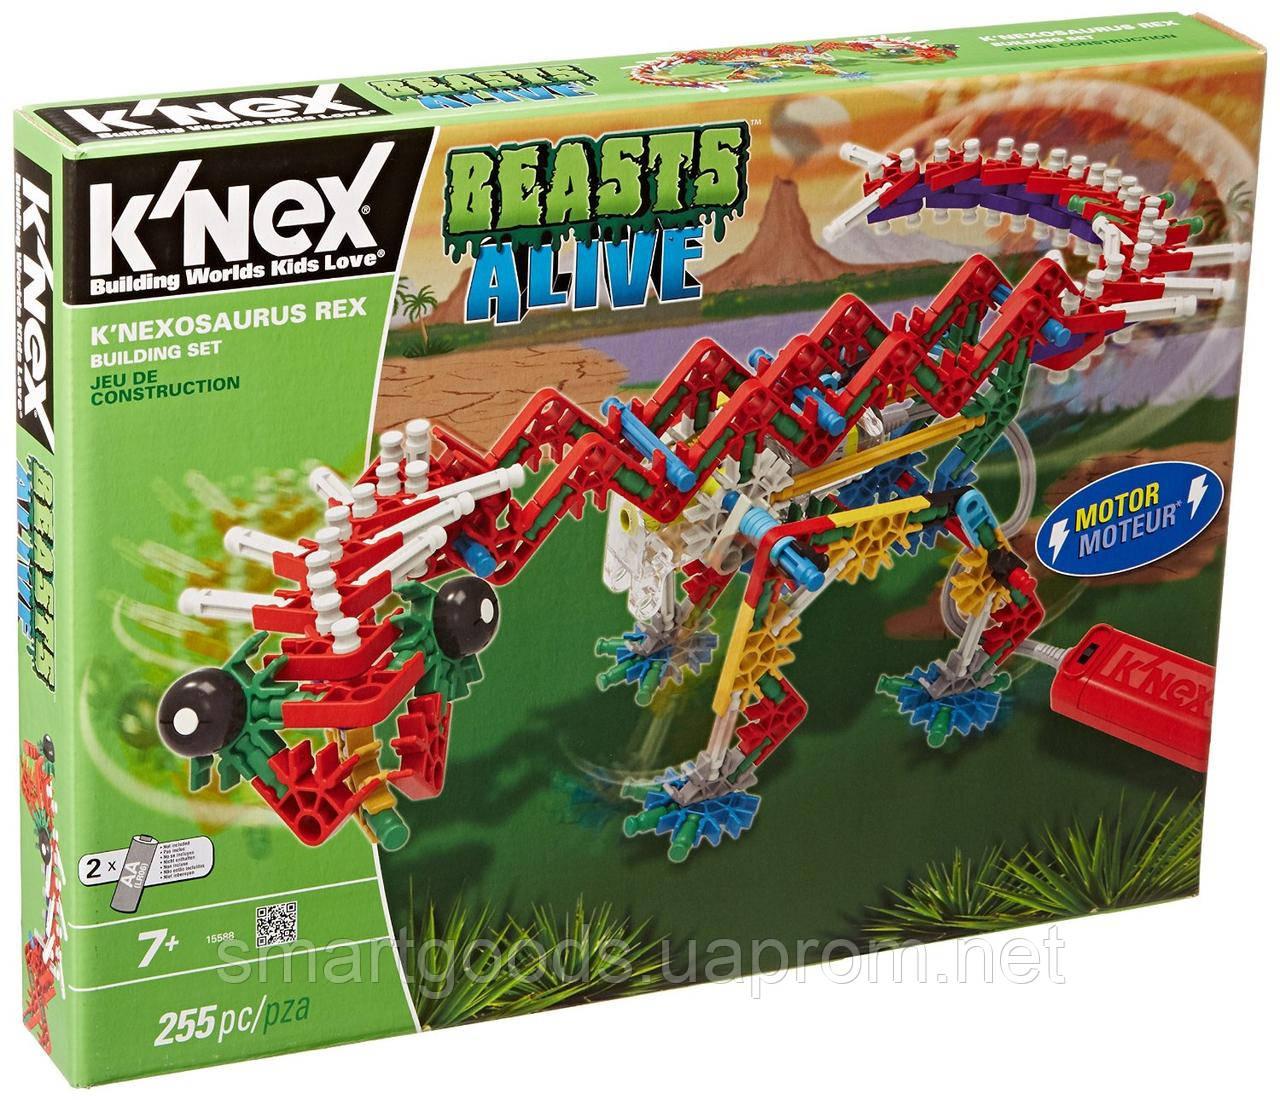 Конструктор Динозавр KNEX c мотором, фото 1